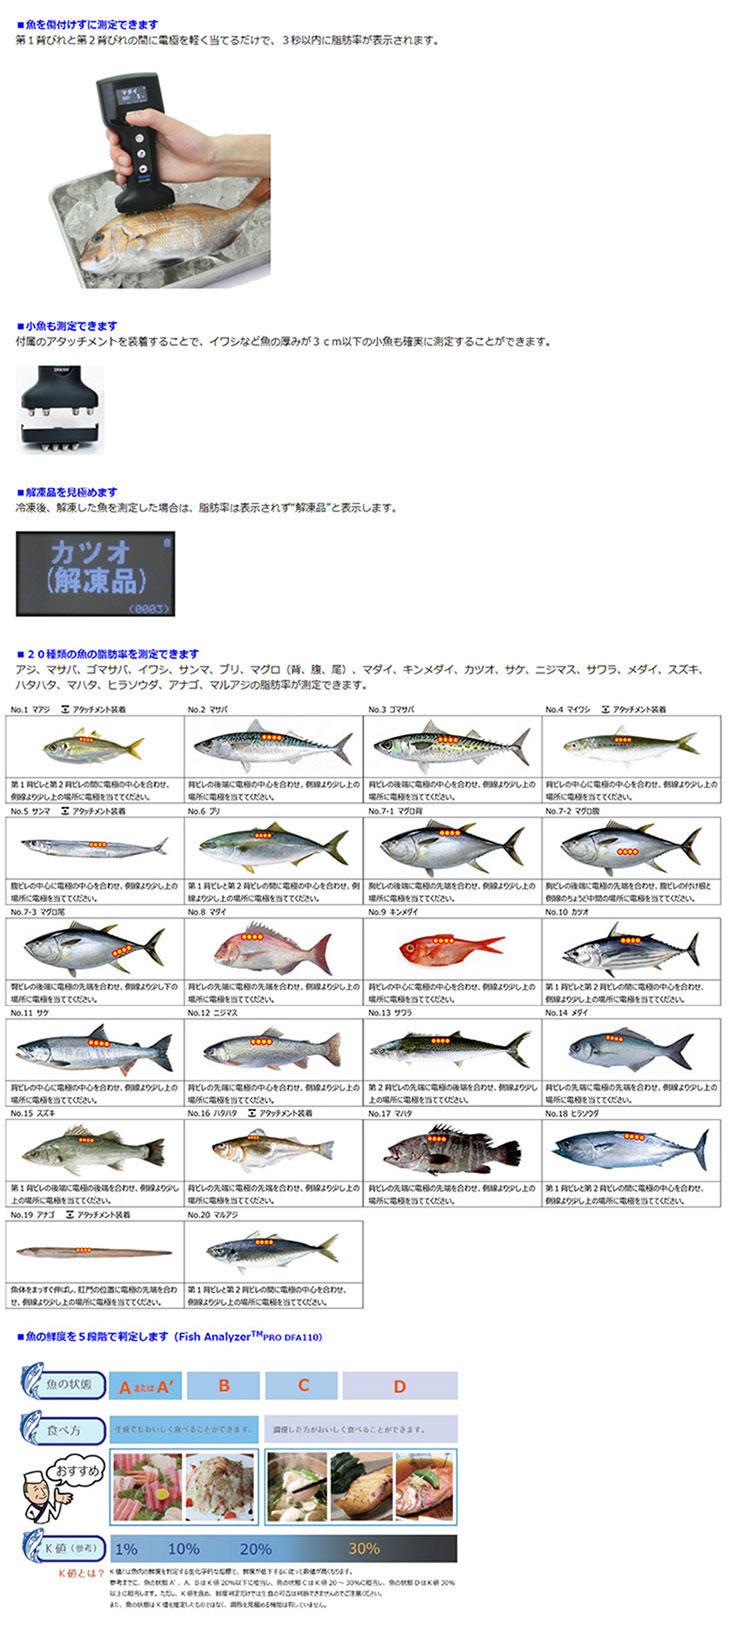 魚用体脂肪計 フィッシュアナライザ プロ DFA110 Ver.1.00 大和製衡